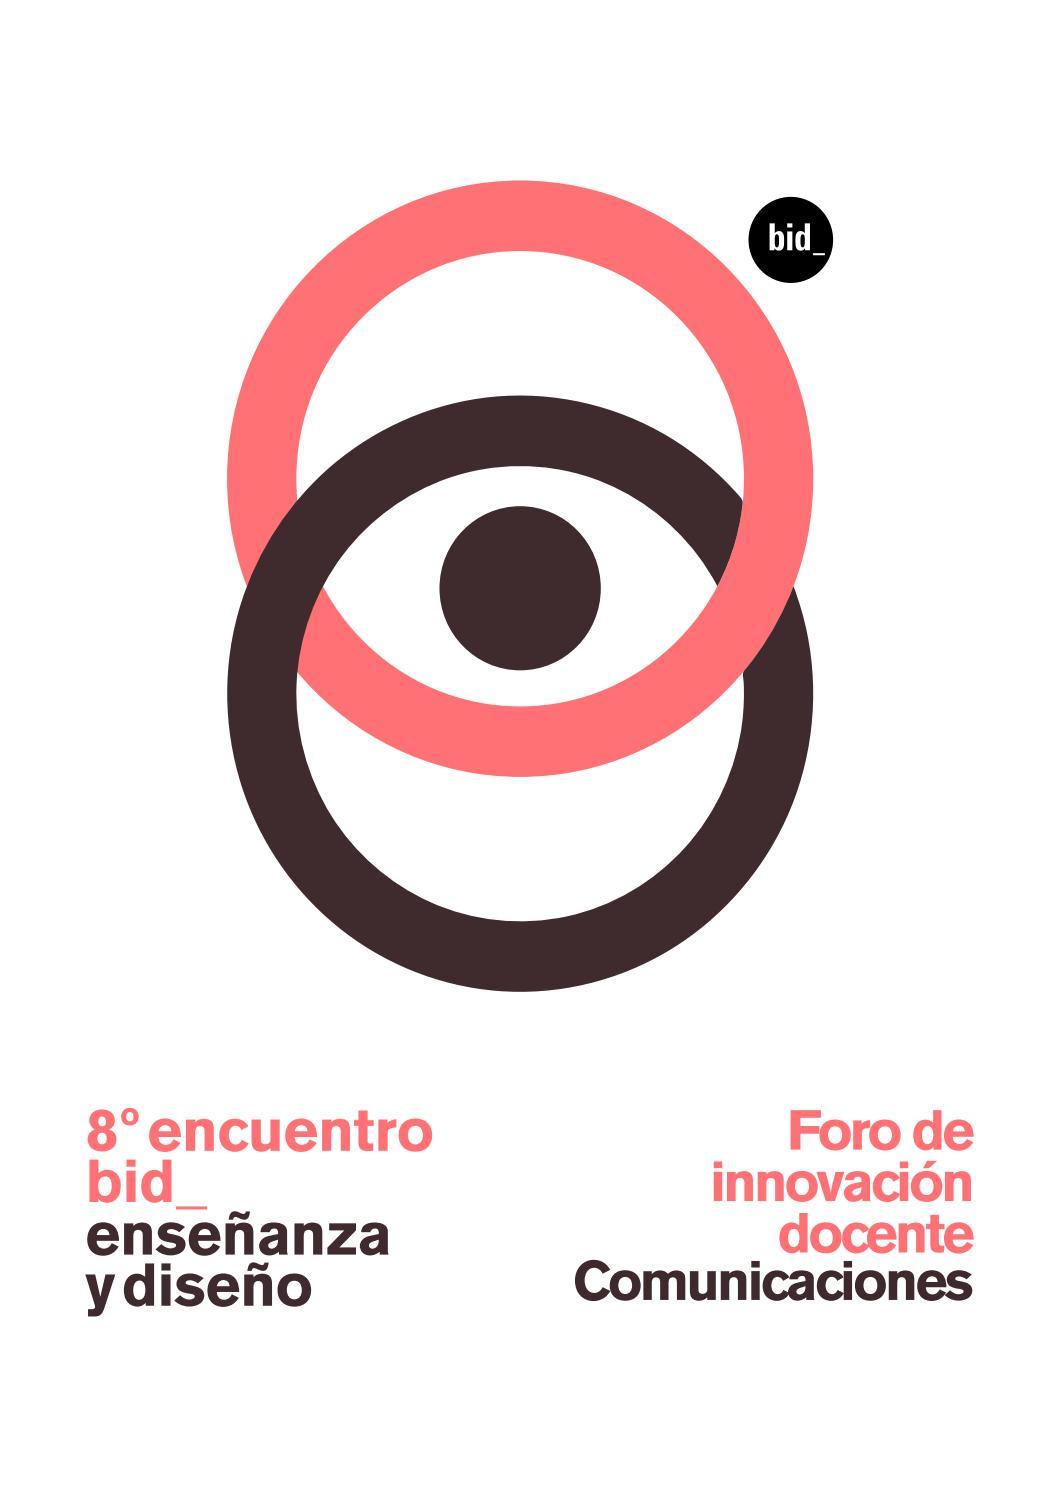 8º Encuentro Bid De Enseñanza Y Diseño Foro De Innovación Docente Comunicaciones By Bienaliberoamericanadediseño Issuu